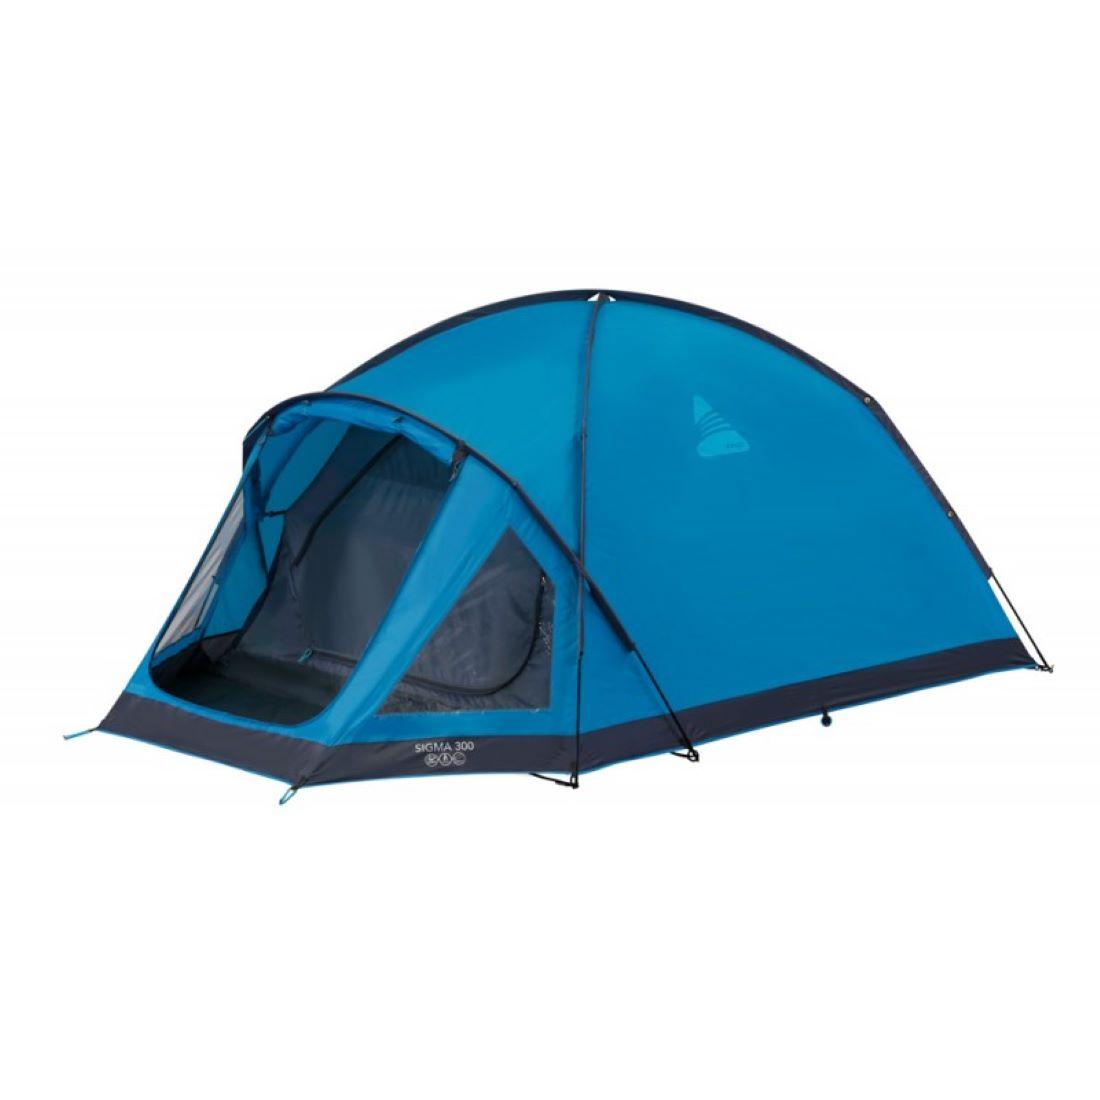 Vango Sigma 300 Tent - 3 Person Tent (River)